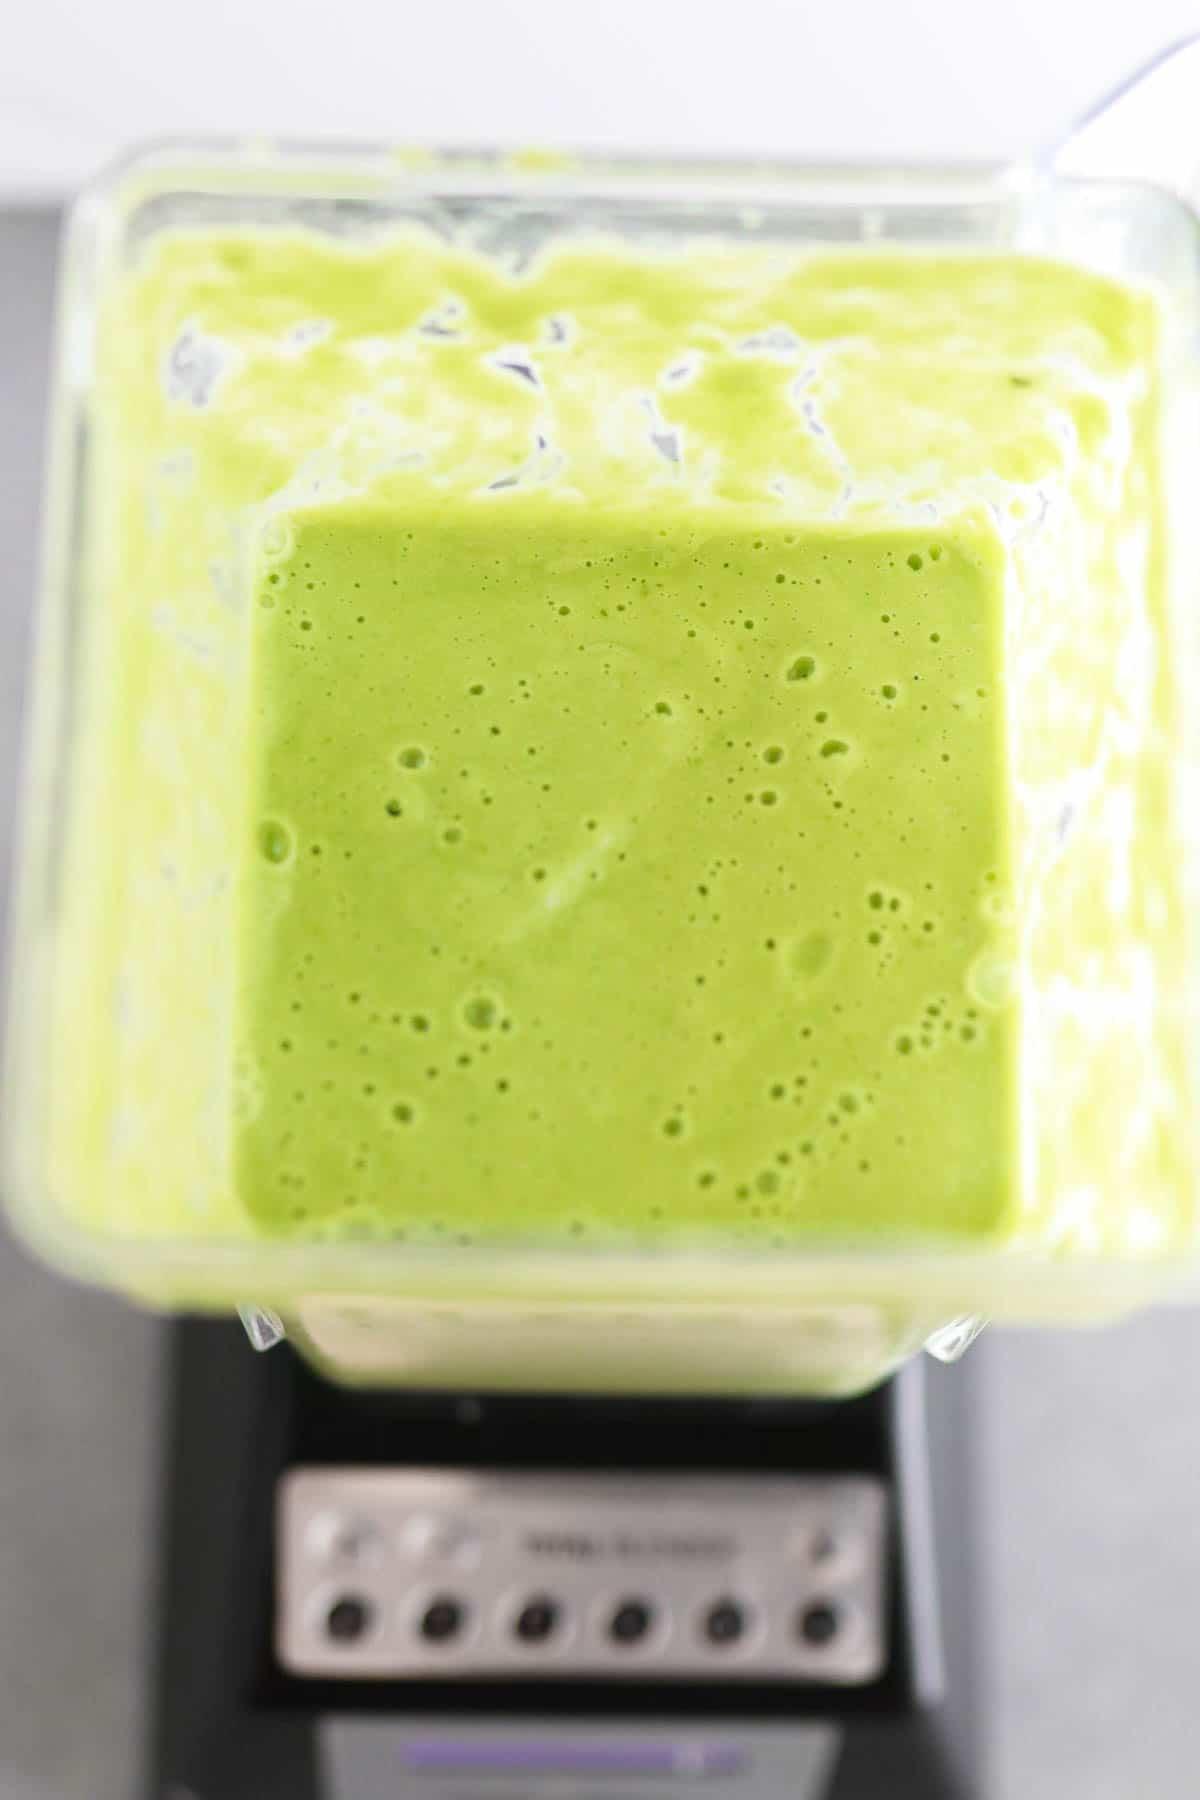 photo of blended gazpacho in the blender